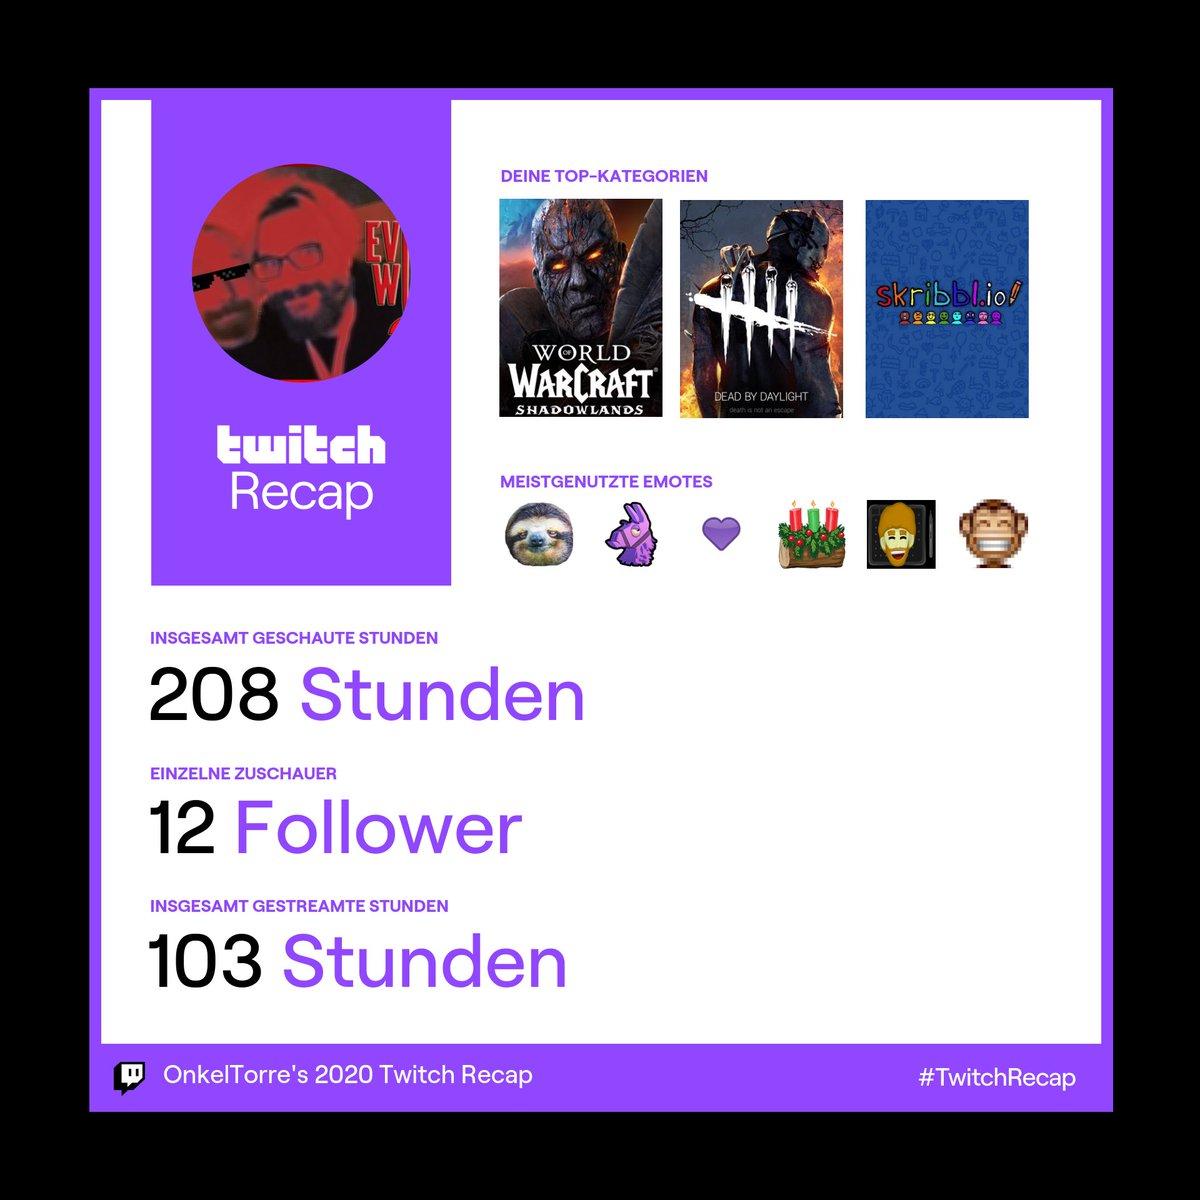 Grad via Mail mein #TwitchRecap gekriegt! Heftig was man so in 1 Jahr auf #Twitch mit seiner #Community reißen kann oder? Wie sieht´s denn beim Rest meiner Bubble aus?^^